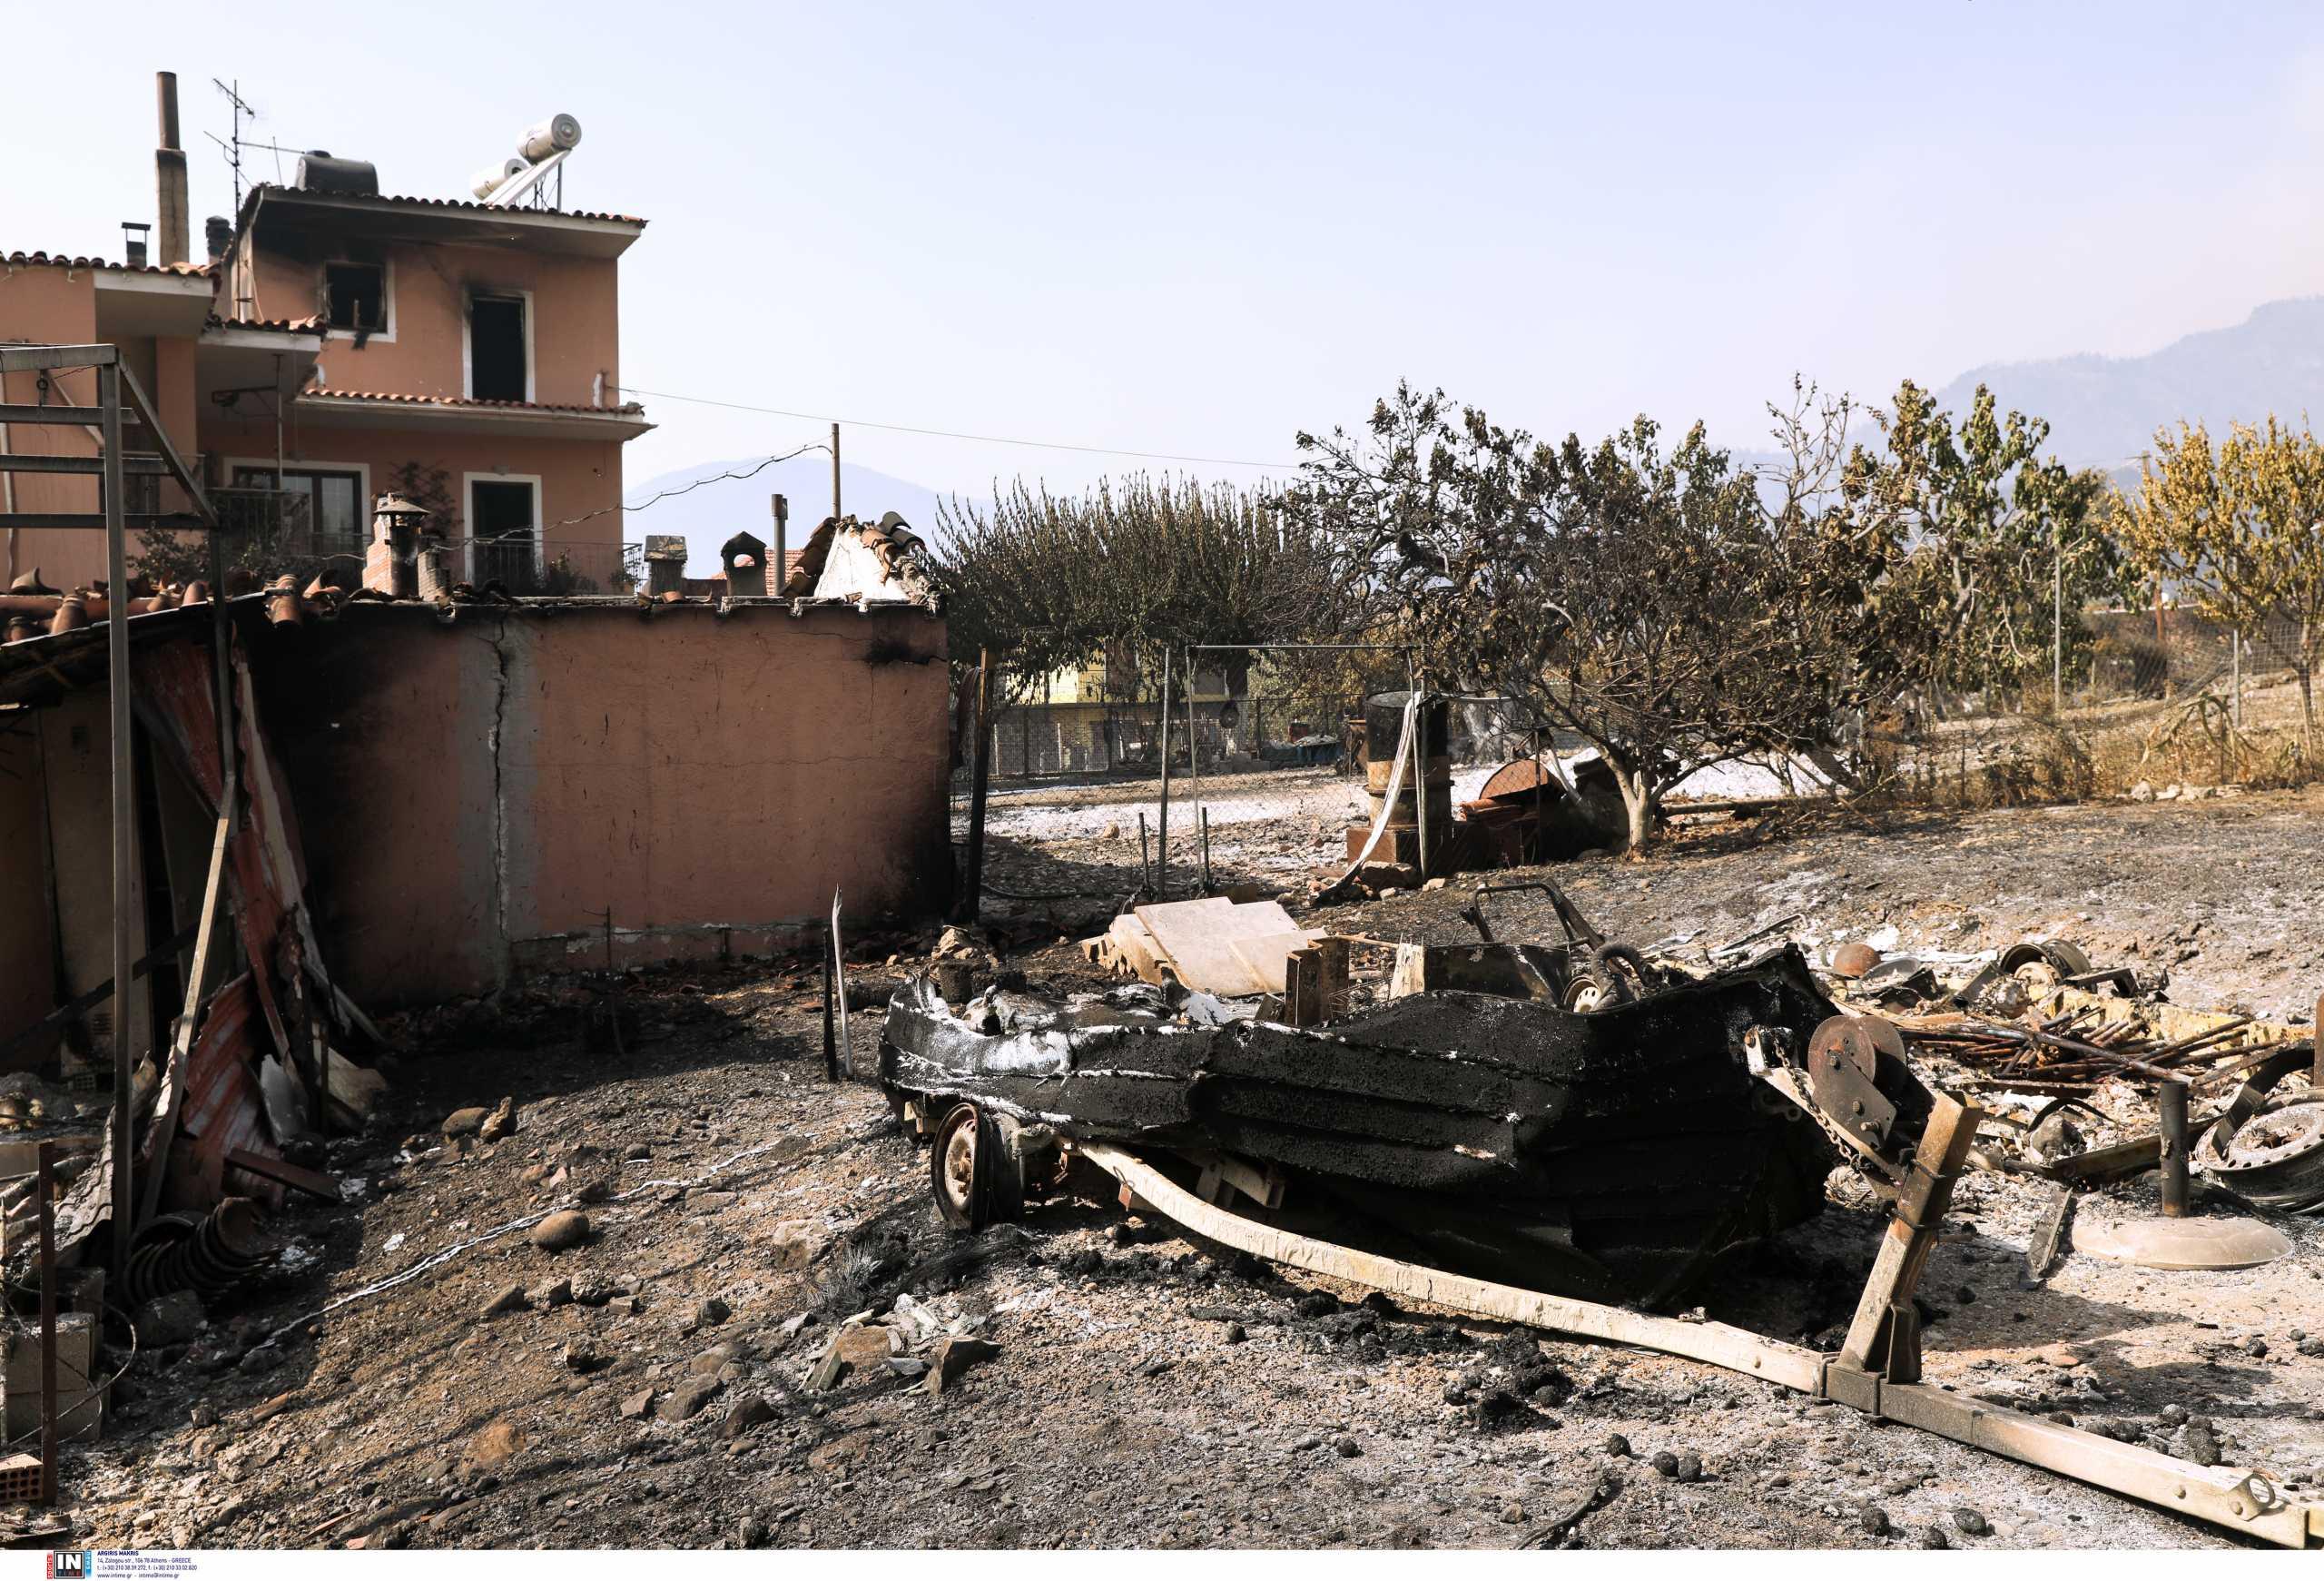 Φωτιές: Ακατάλληλα 368 σπίτια, επικίνδυναακόμα 330 – Συνεχίζονται οι έλεγχοι